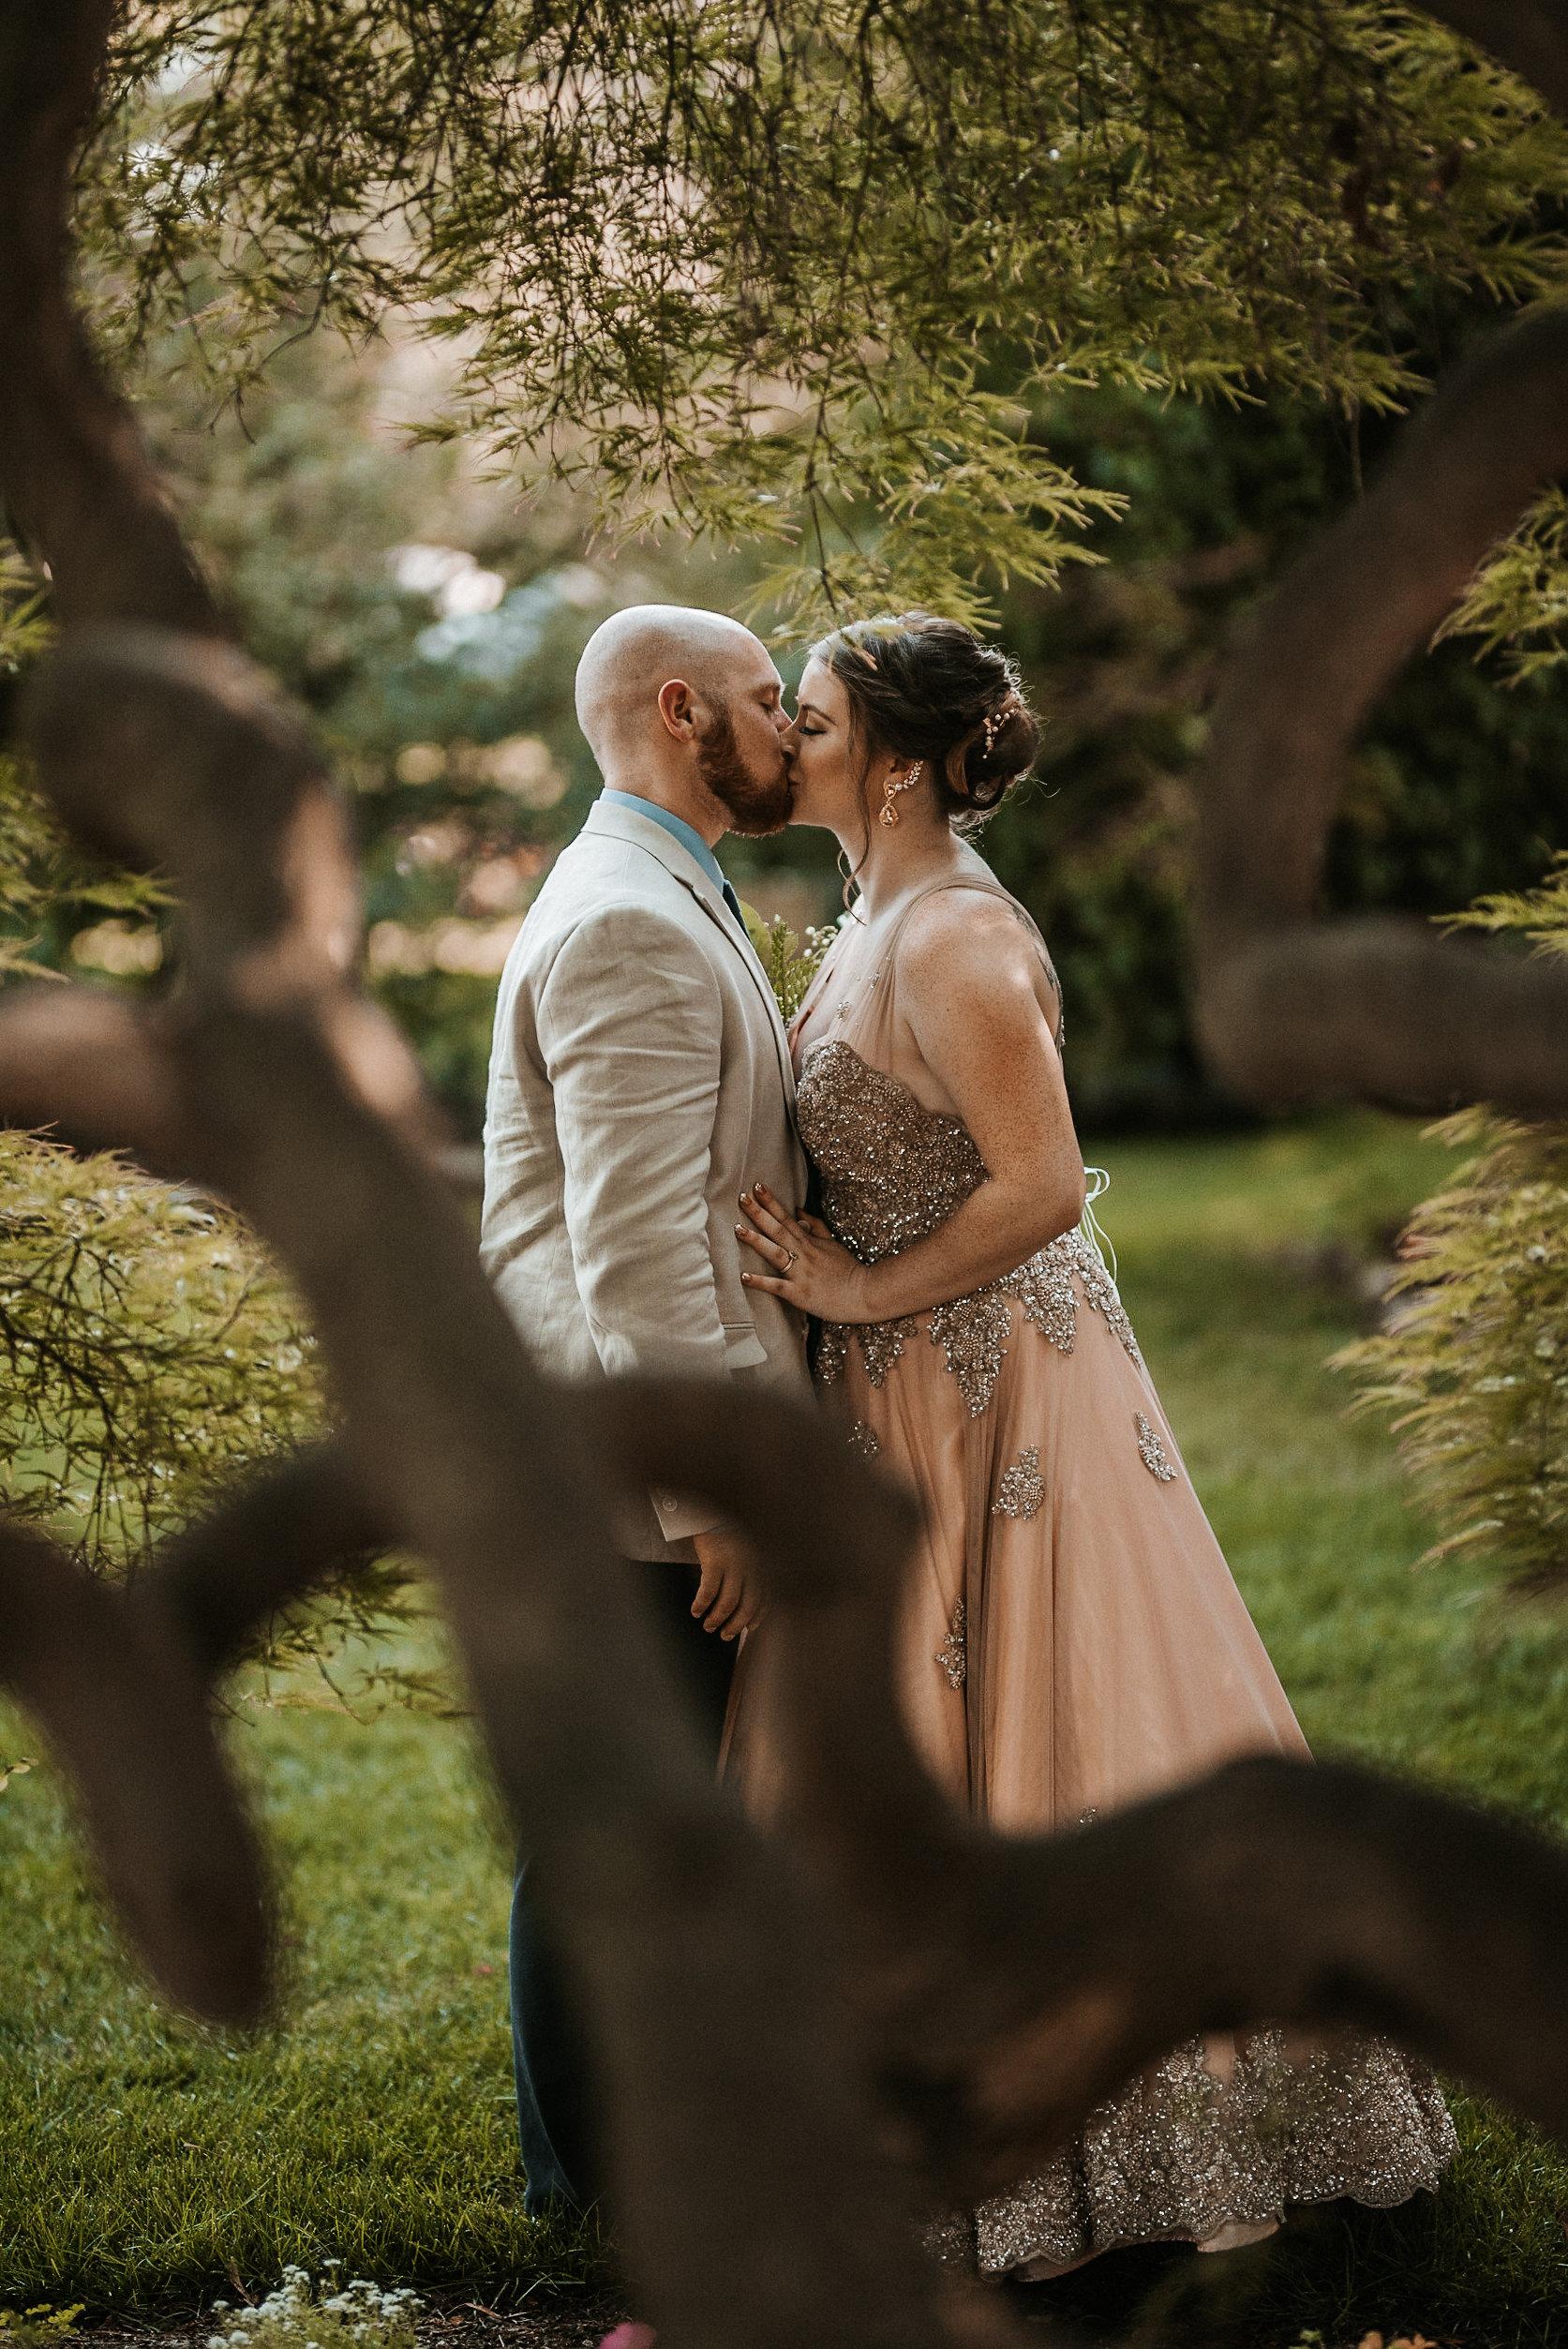 Bride and groom kissing behind tree